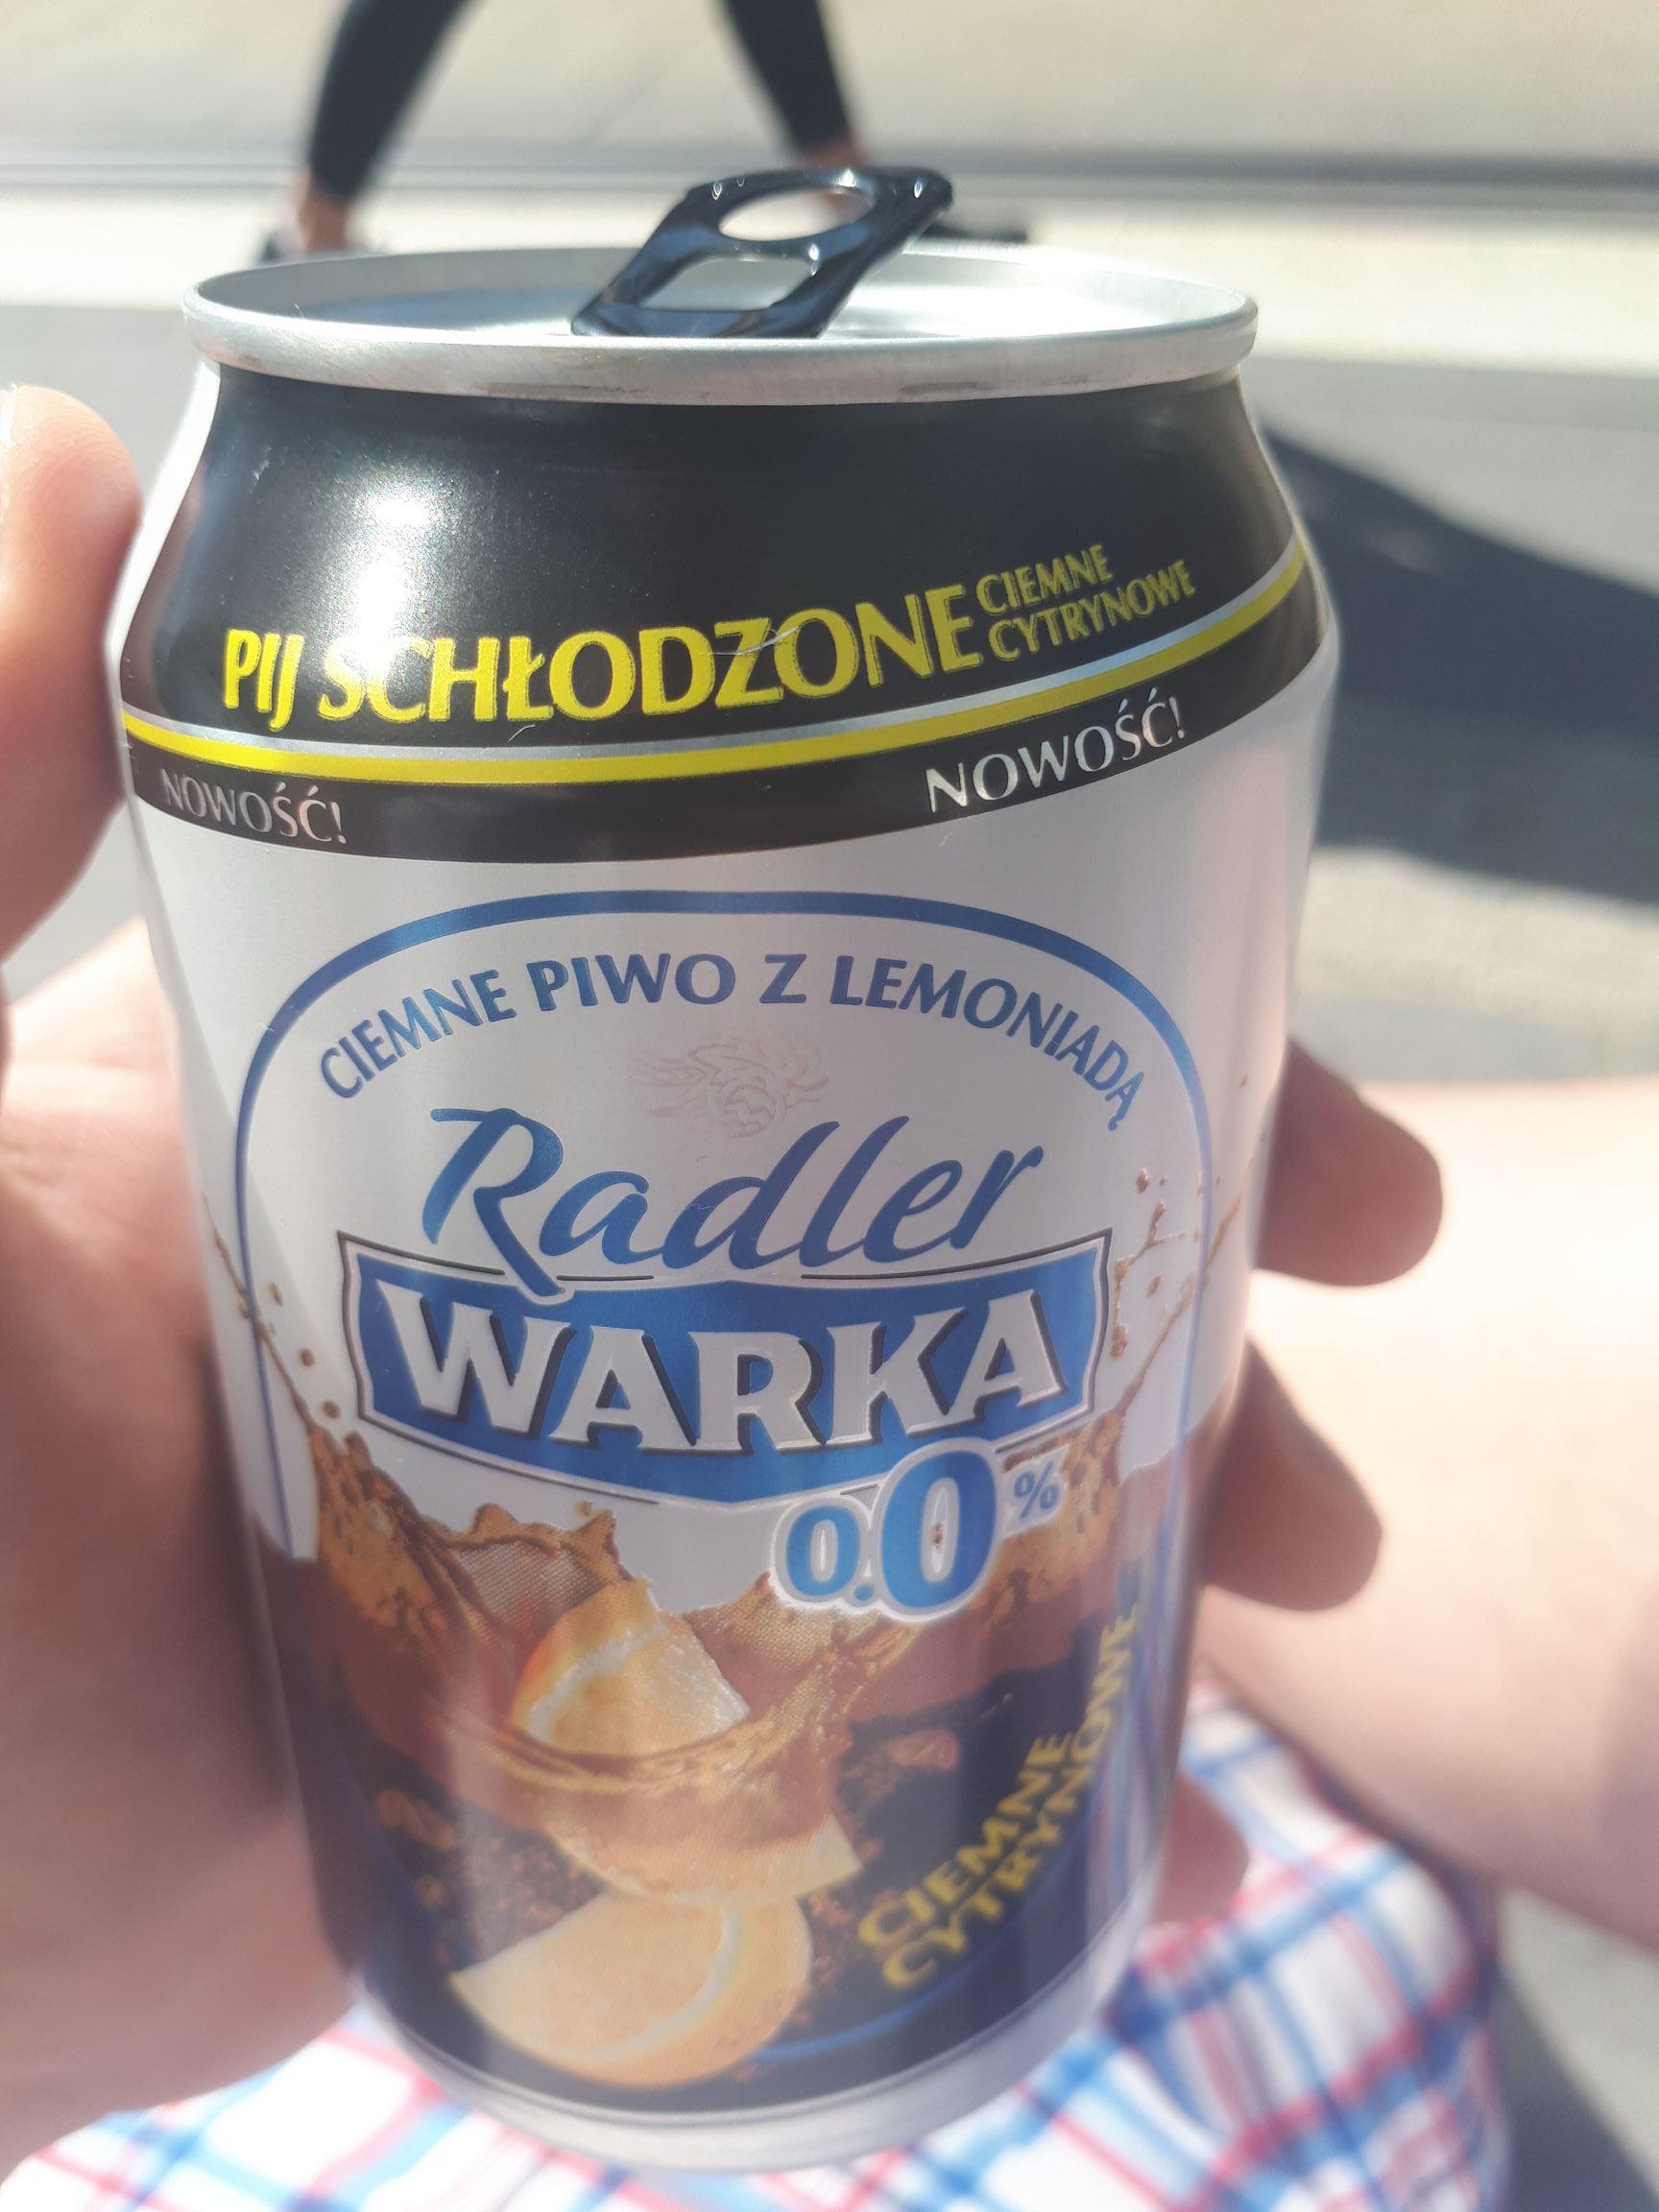 Warka radler za darmo w Olsztynie na starym mieście